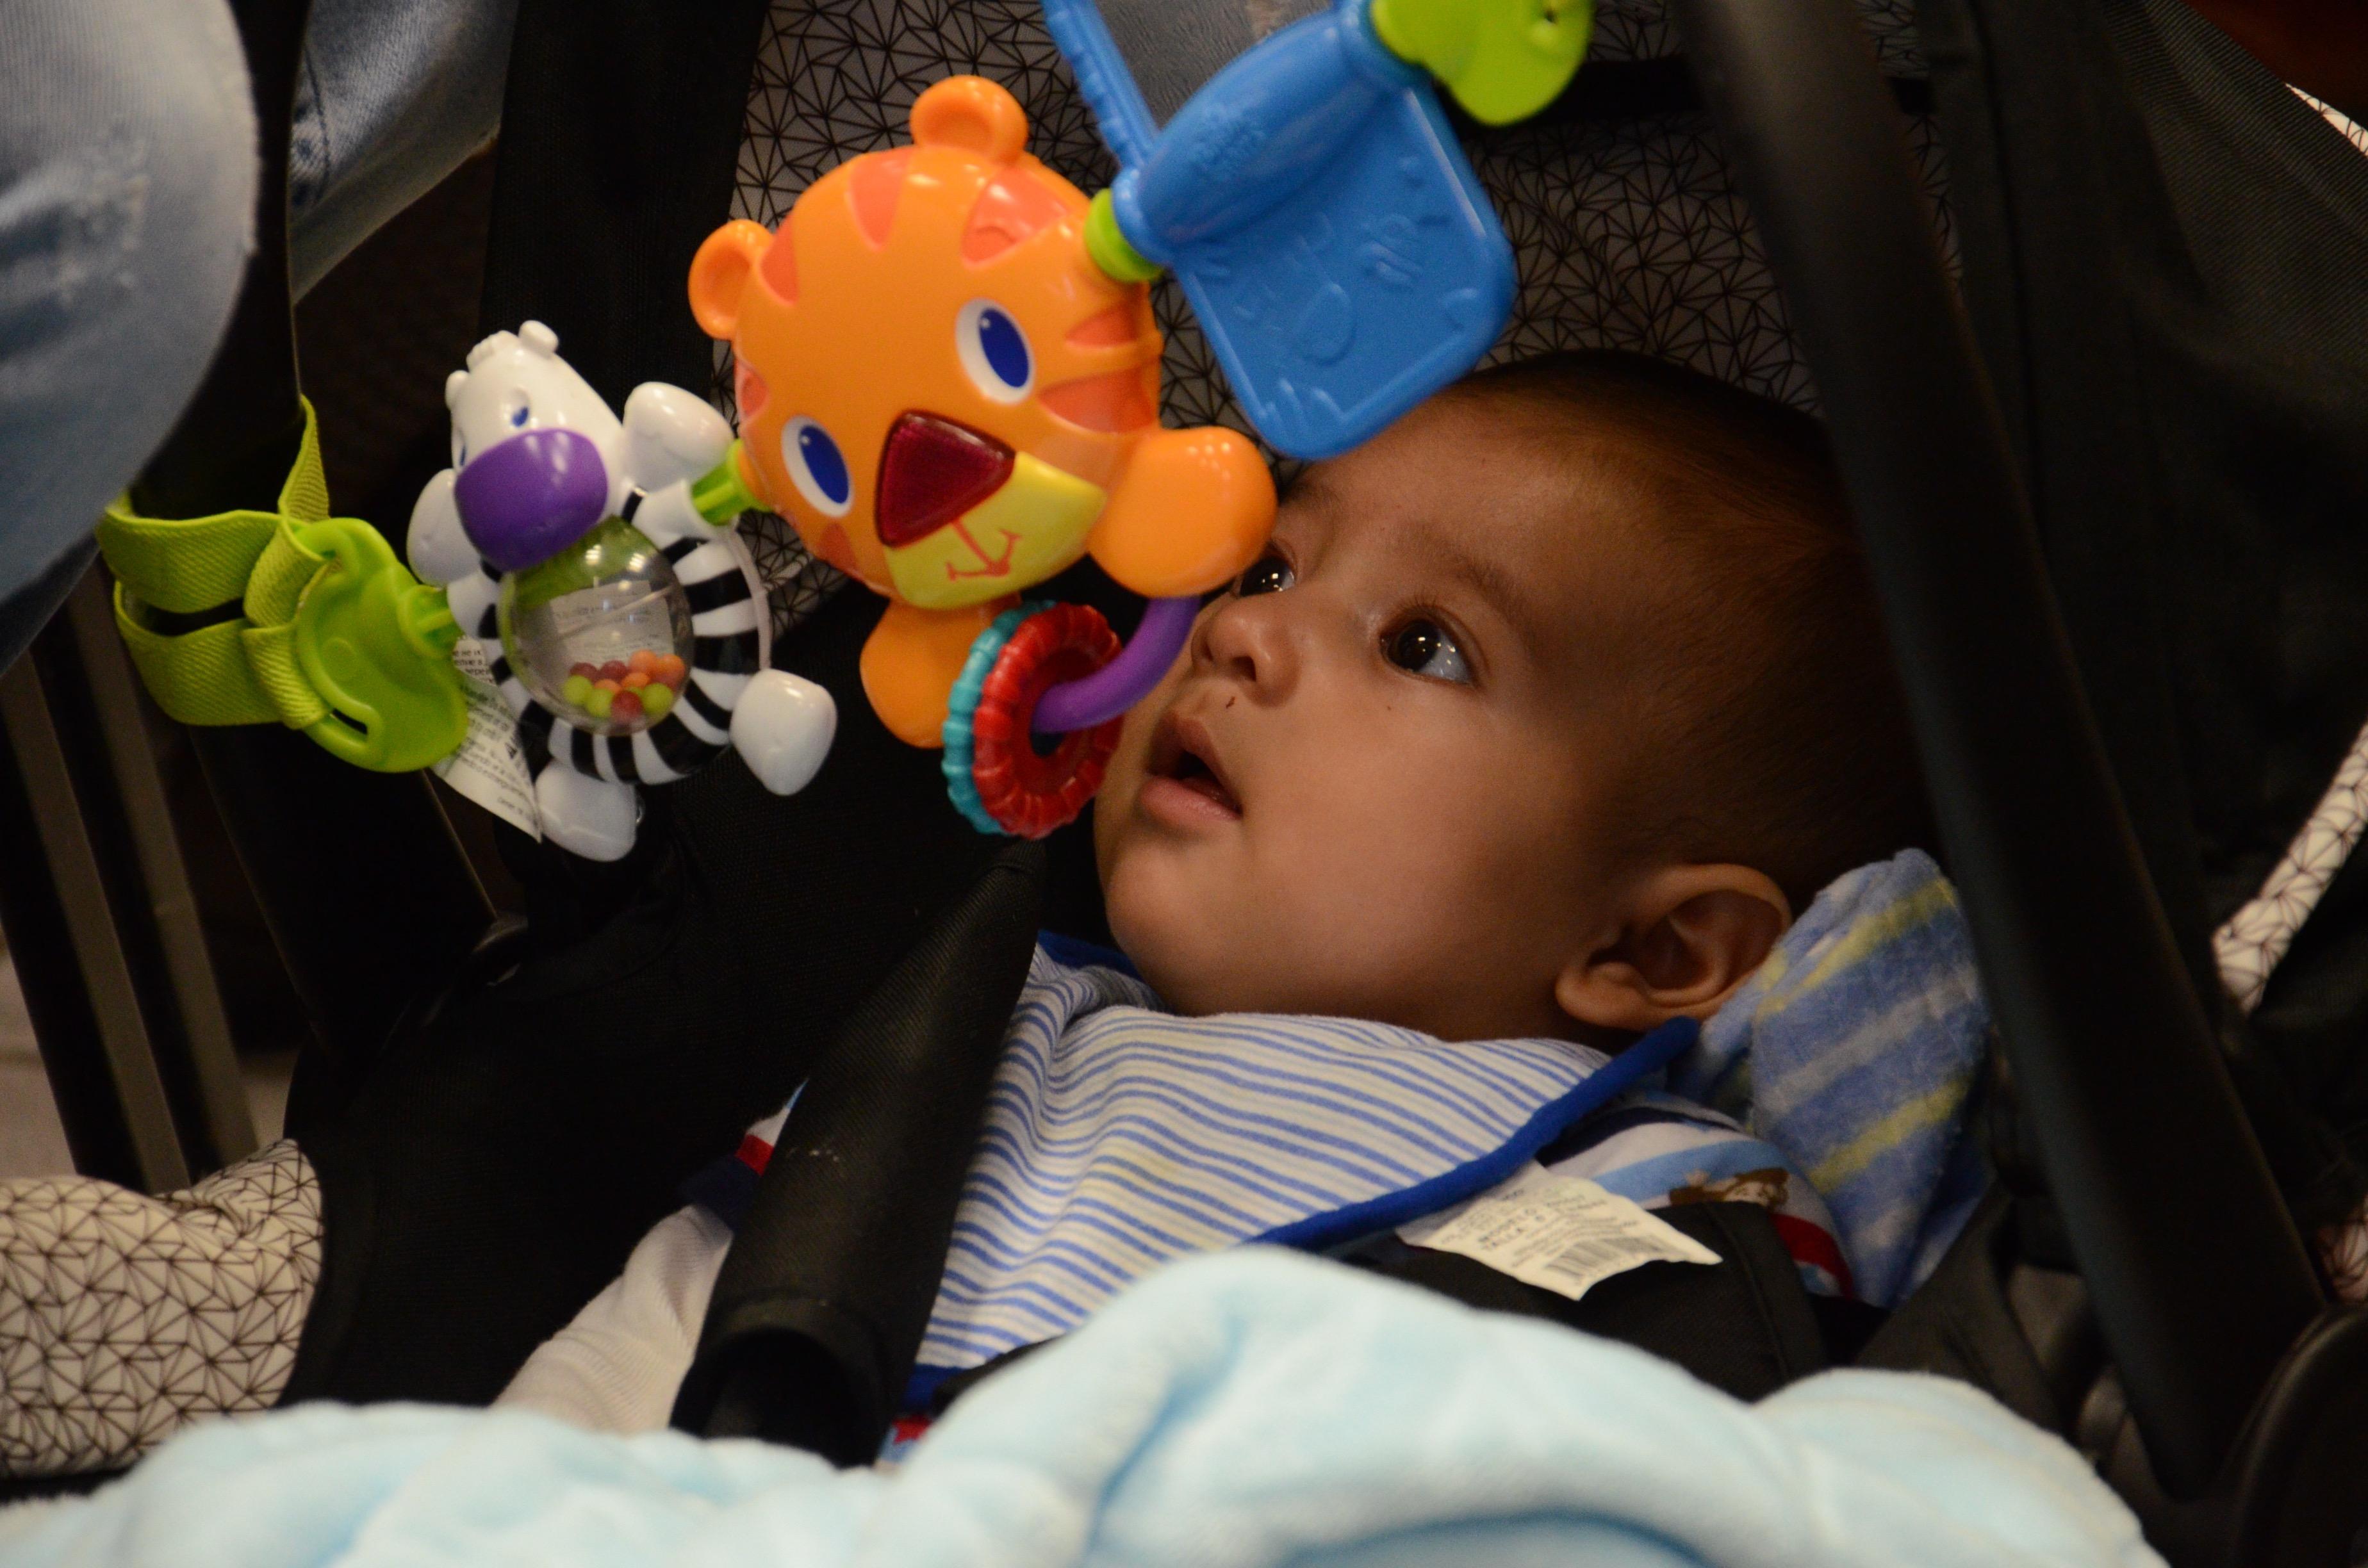 Bebé reposando en una carreola